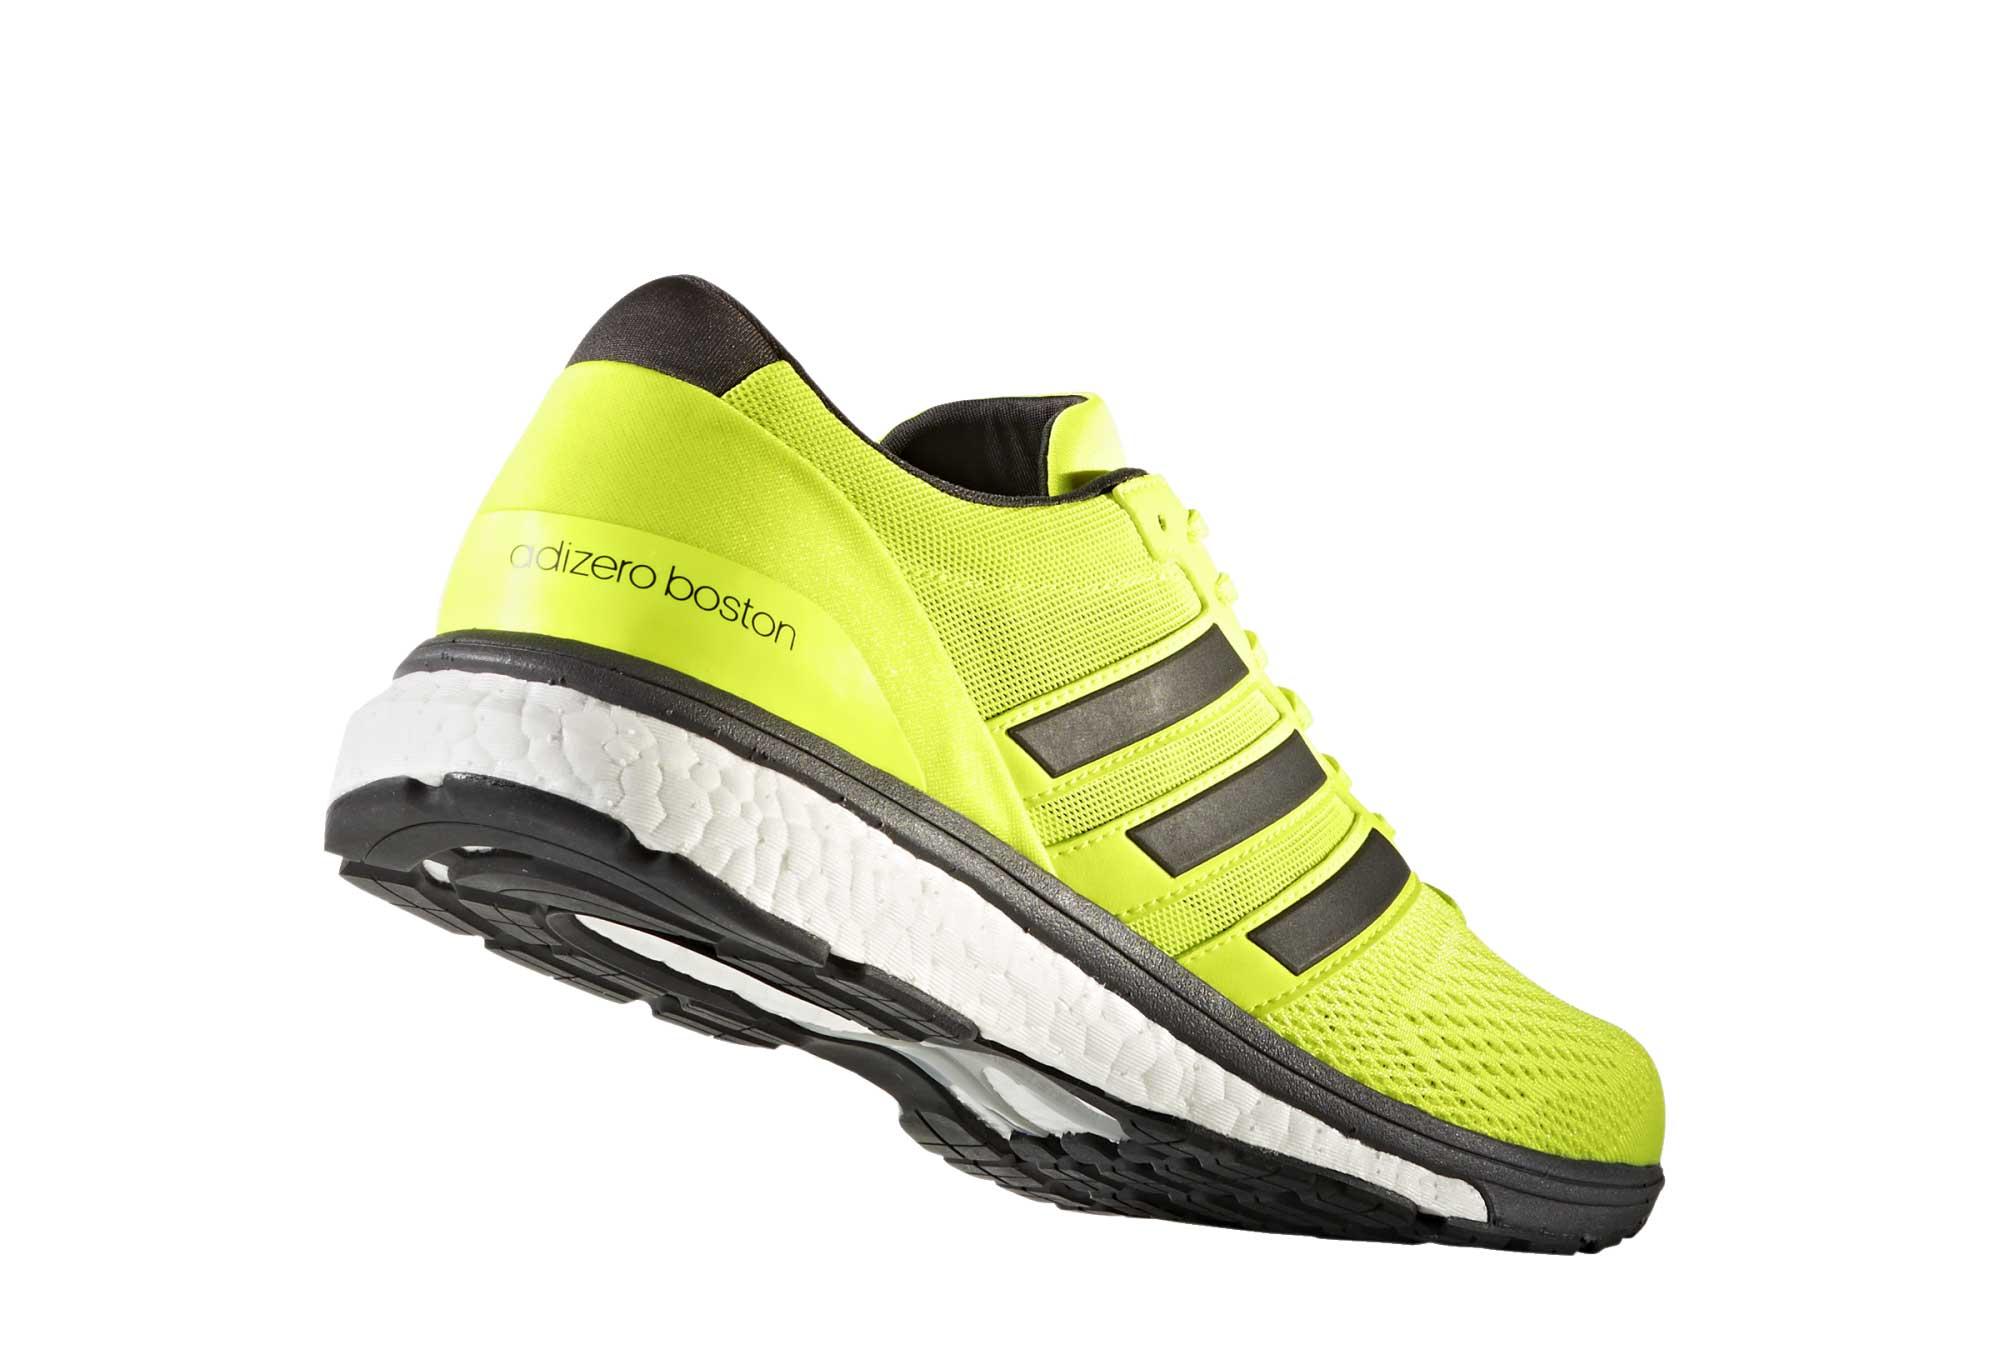 Noir Running 6 Adidas Chaussures Jaune De Adizero Boston pFqYpn6wS